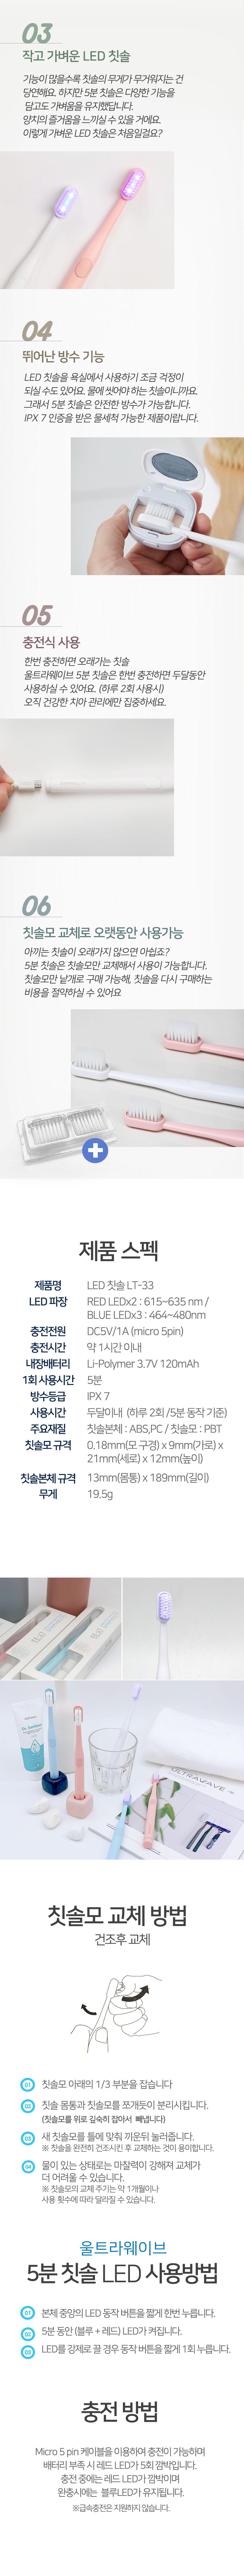 울트라웨이브 블루+레드 듀얼 LED 5분 칫솔 LT-3319,800원-울트라웨이브생활/가전, 욕실, 양치, 칫솔/치실바보사랑울트라웨이브 블루+레드 듀얼 LED 5분 칫솔 LT-3319,800원-울트라웨이브생활/가전, 욕실, 양치, 칫솔/치실바보사랑